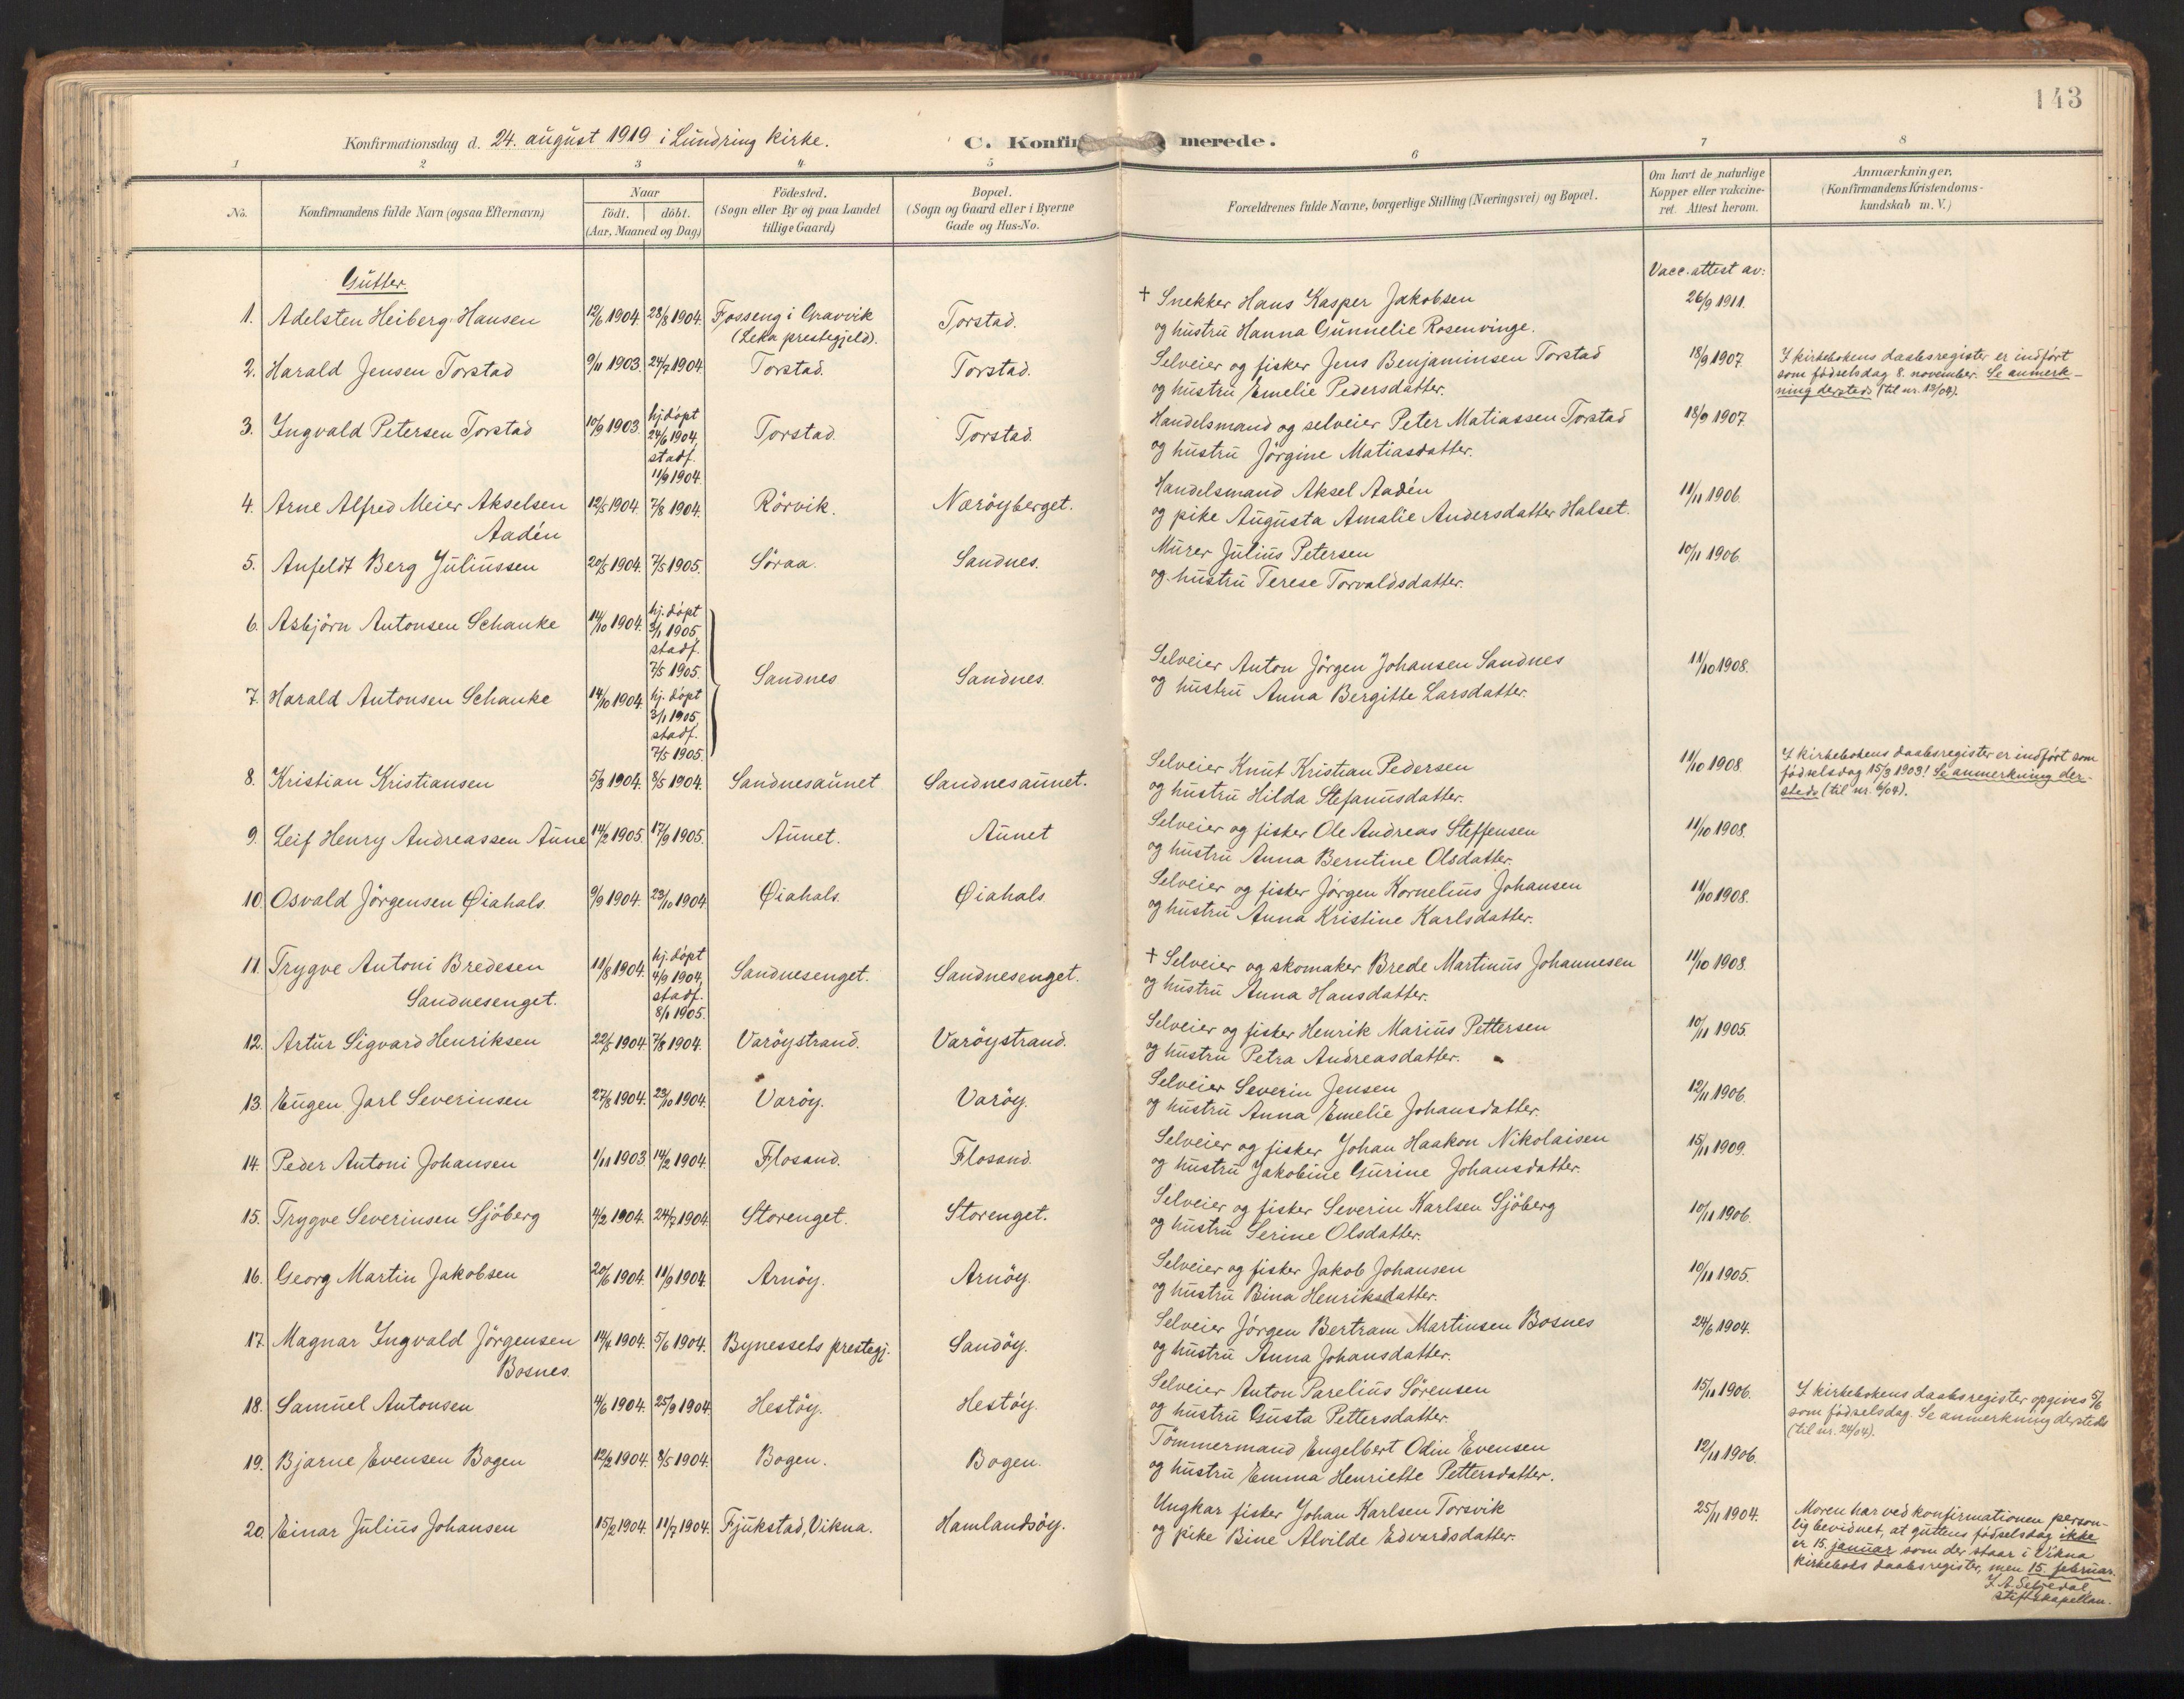 SAT, Ministerialprotokoller, klokkerbøker og fødselsregistre - Nord-Trøndelag, 784/L0677: Ministerialbok nr. 784A12, 1900-1920, s. 143